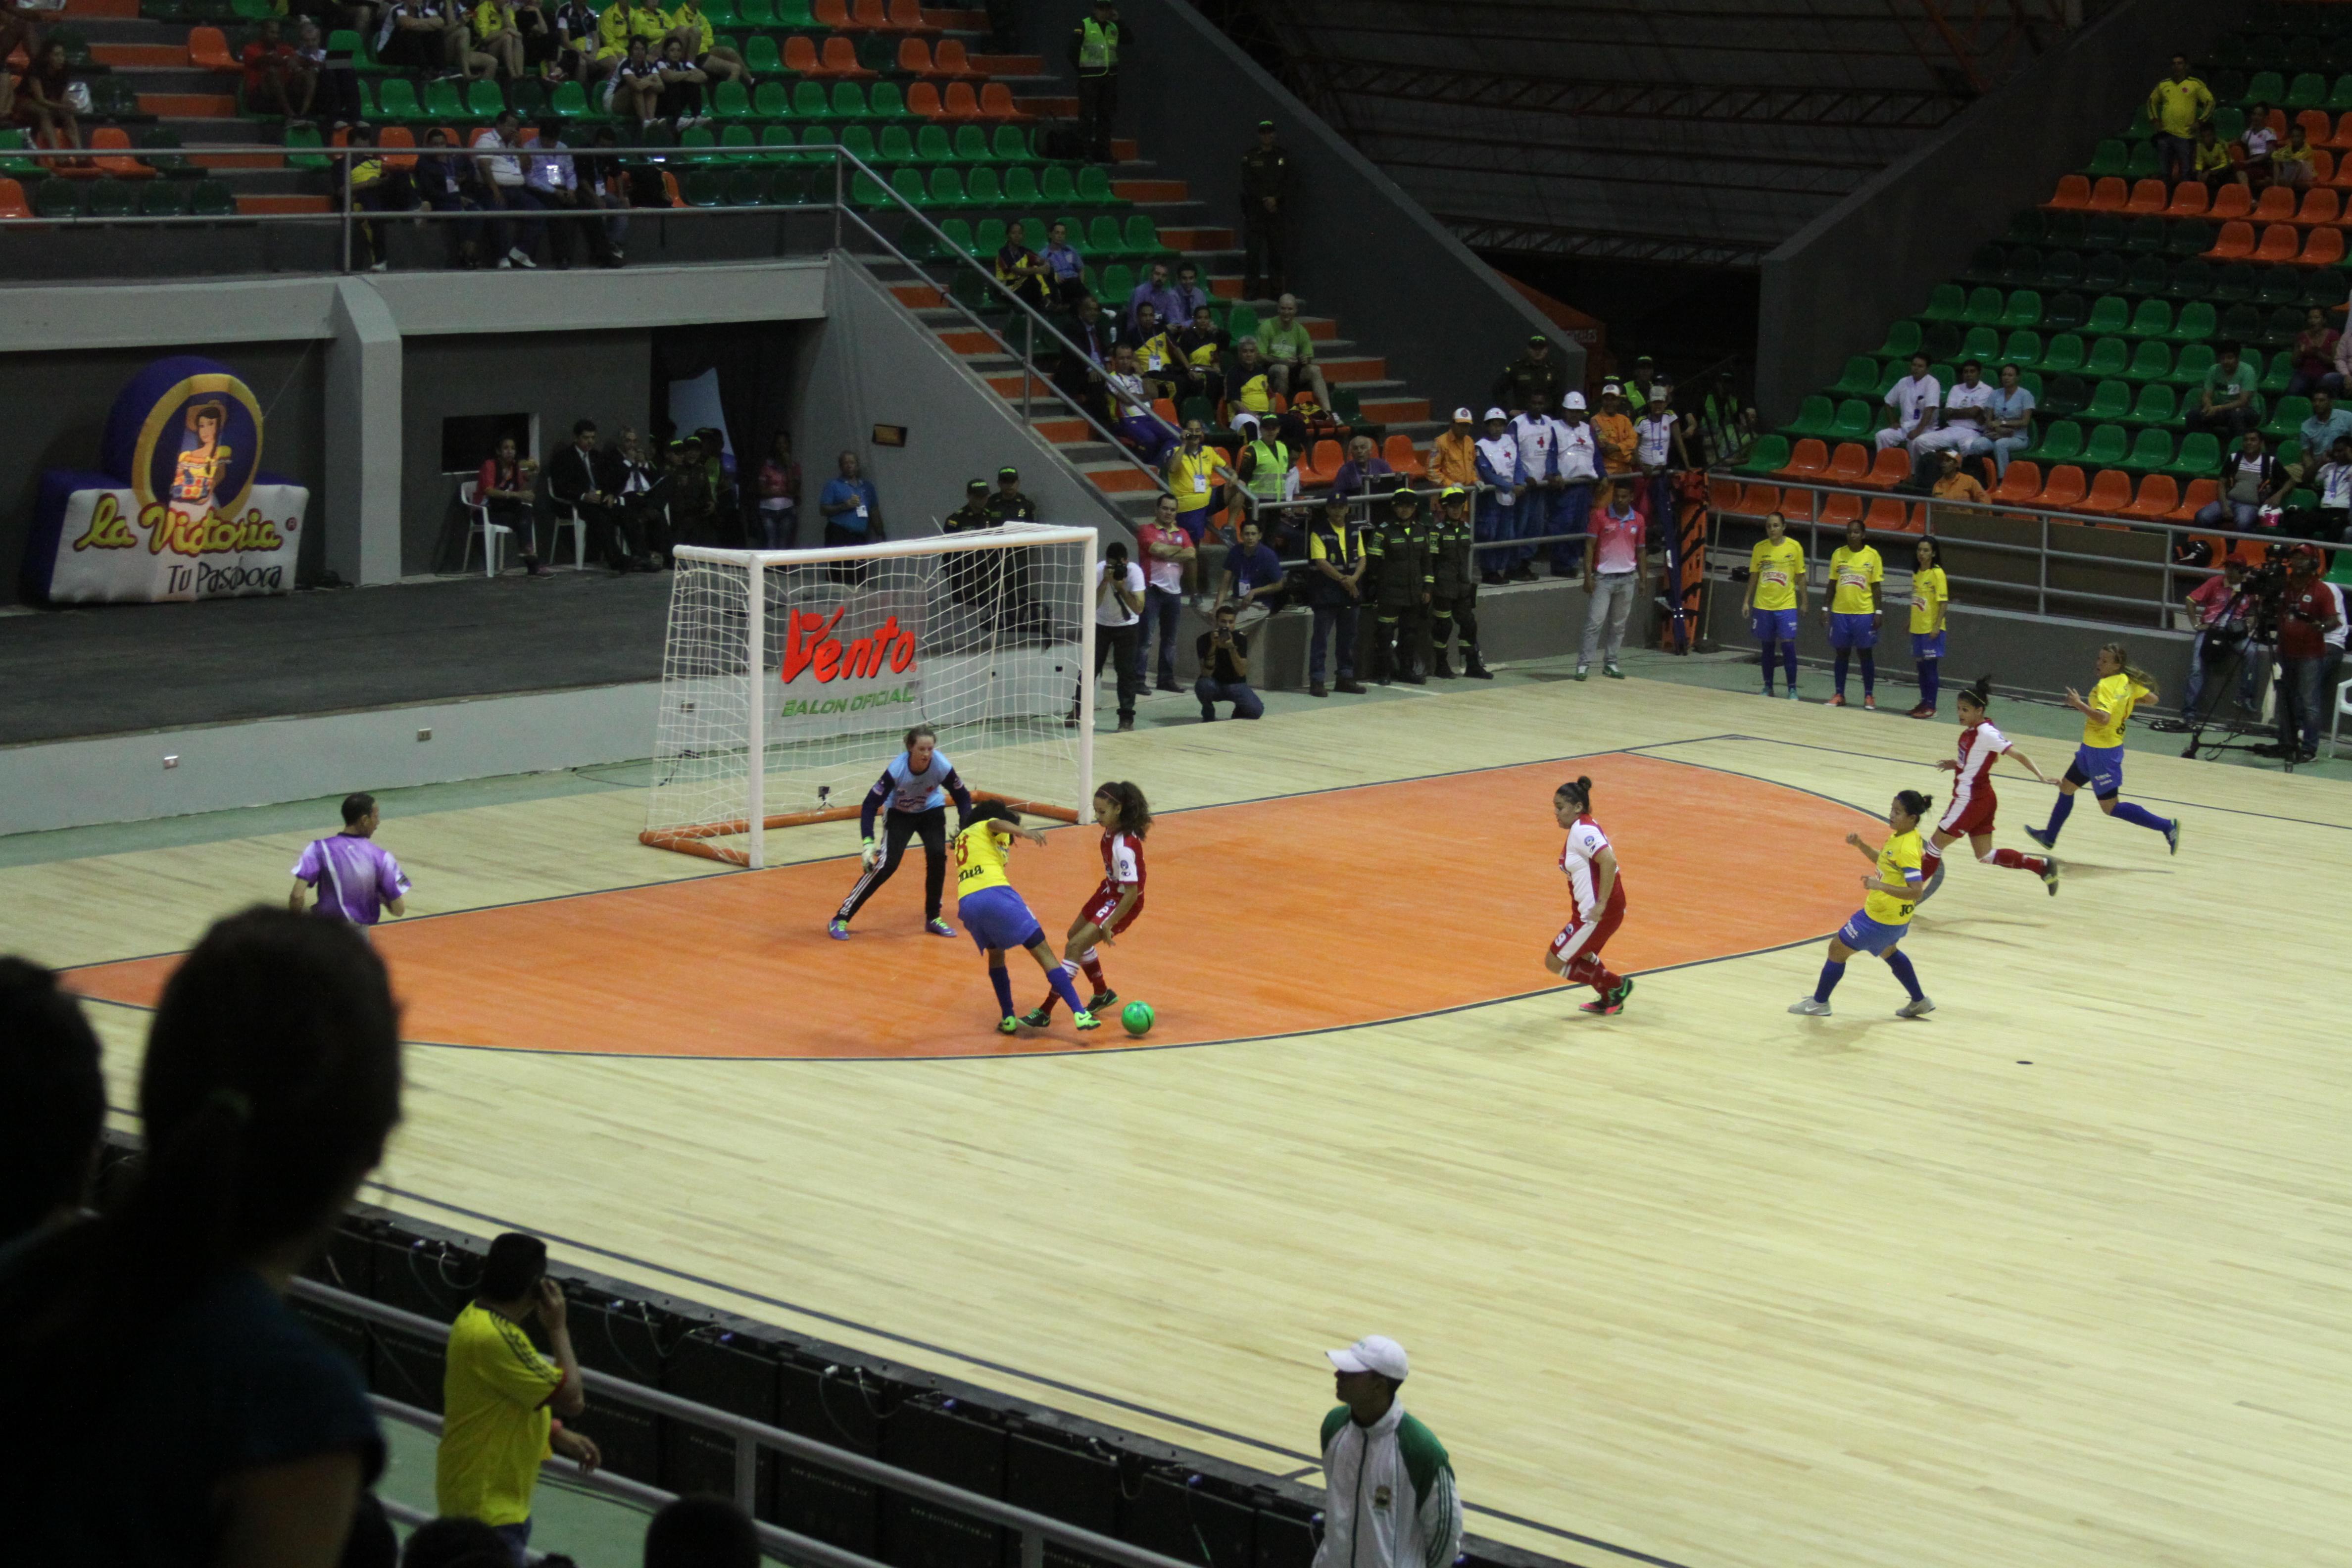 Fútbol De Salón En Colombia Wikipedia La Enciclopedia Libre